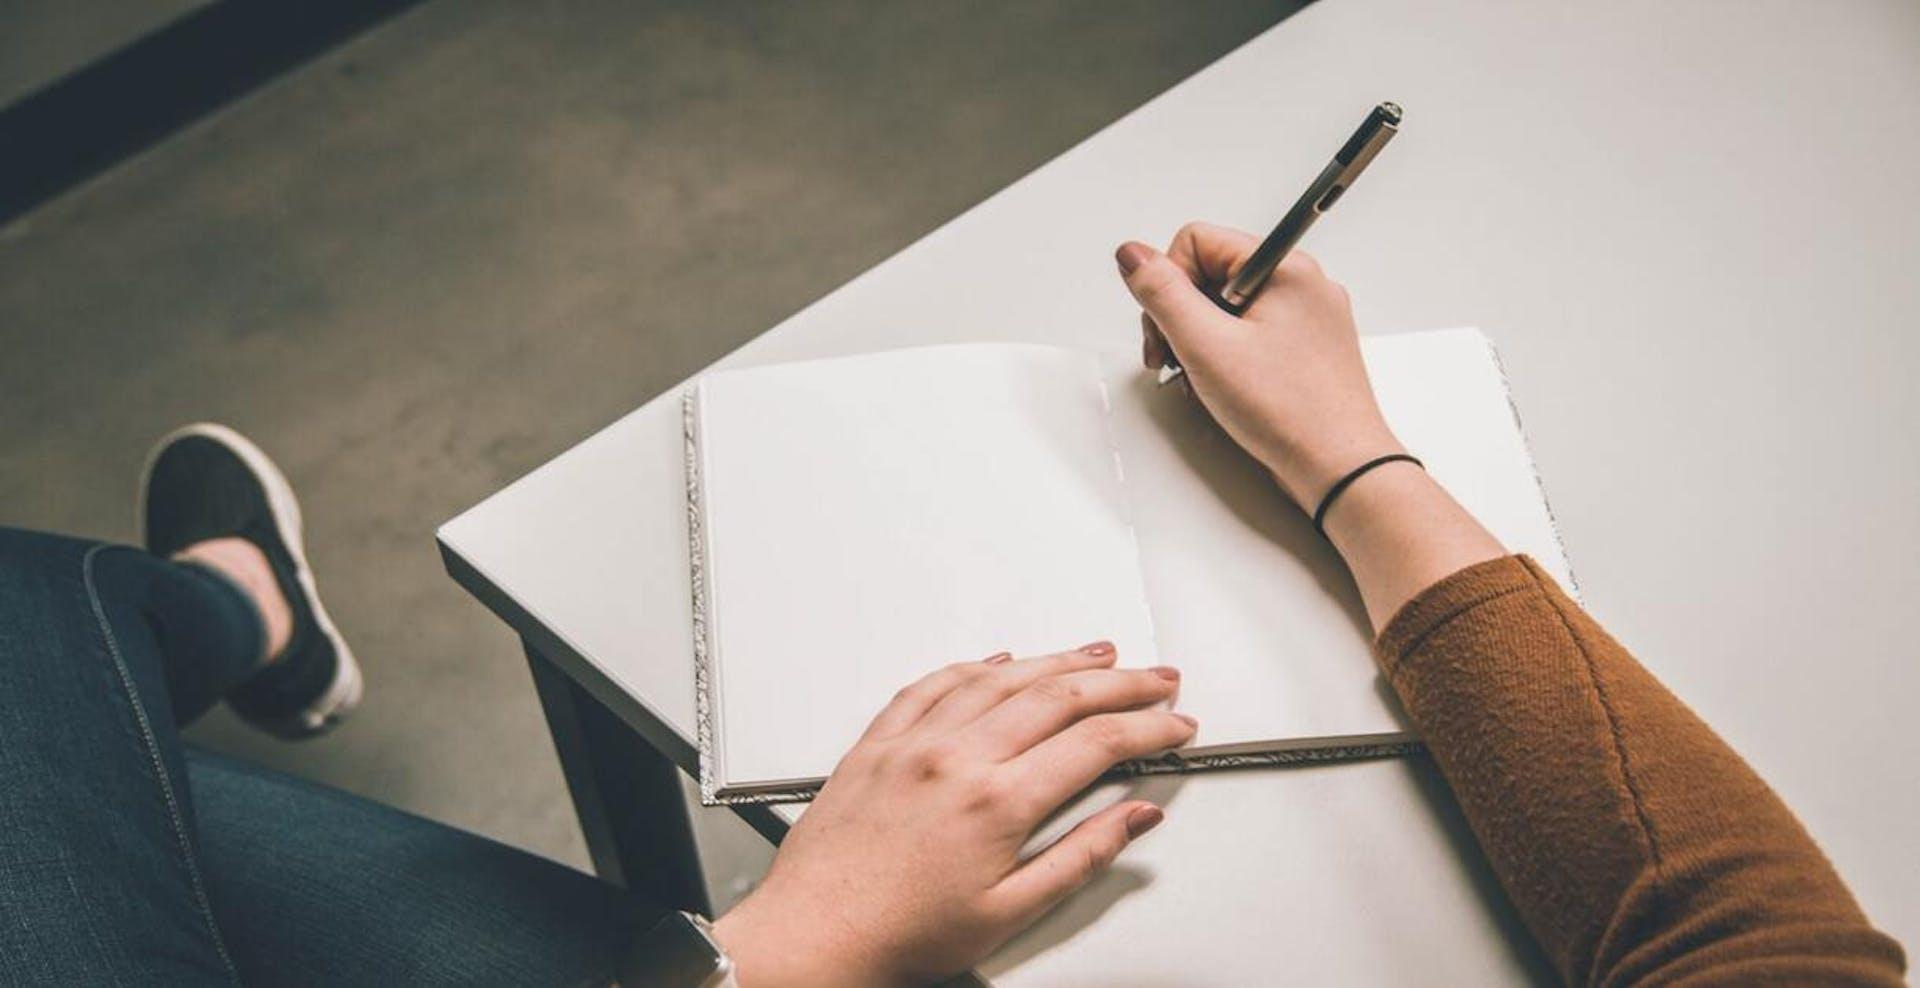 Descubre cómo aprender a escribir en cursiva y rescata el estilo vintage